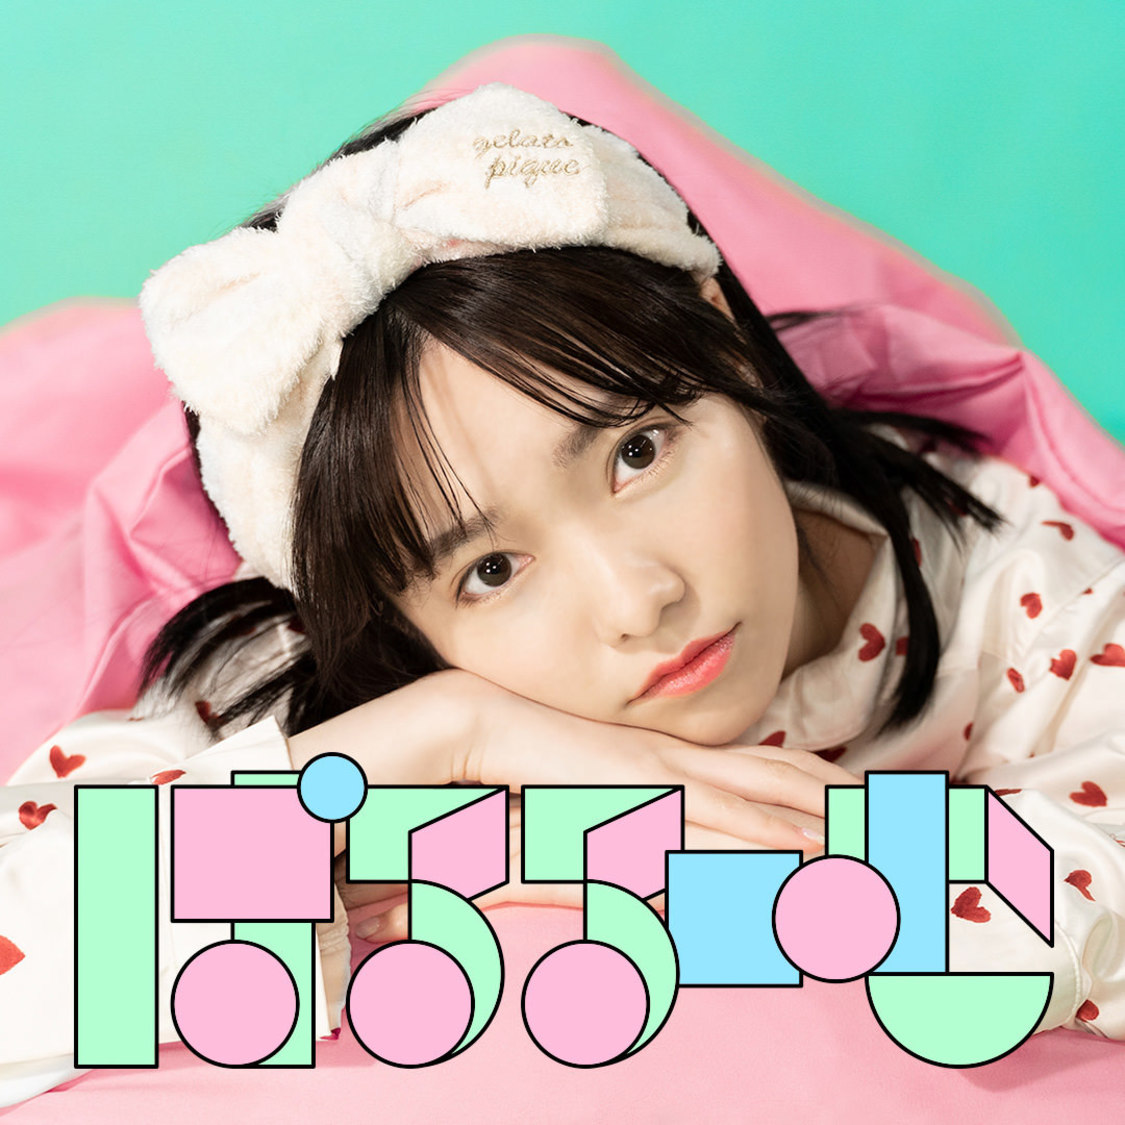 元AKB48 島崎遥香、26歳の誕生日にYouTubeチャンネル『ぱるるーむ』開設!